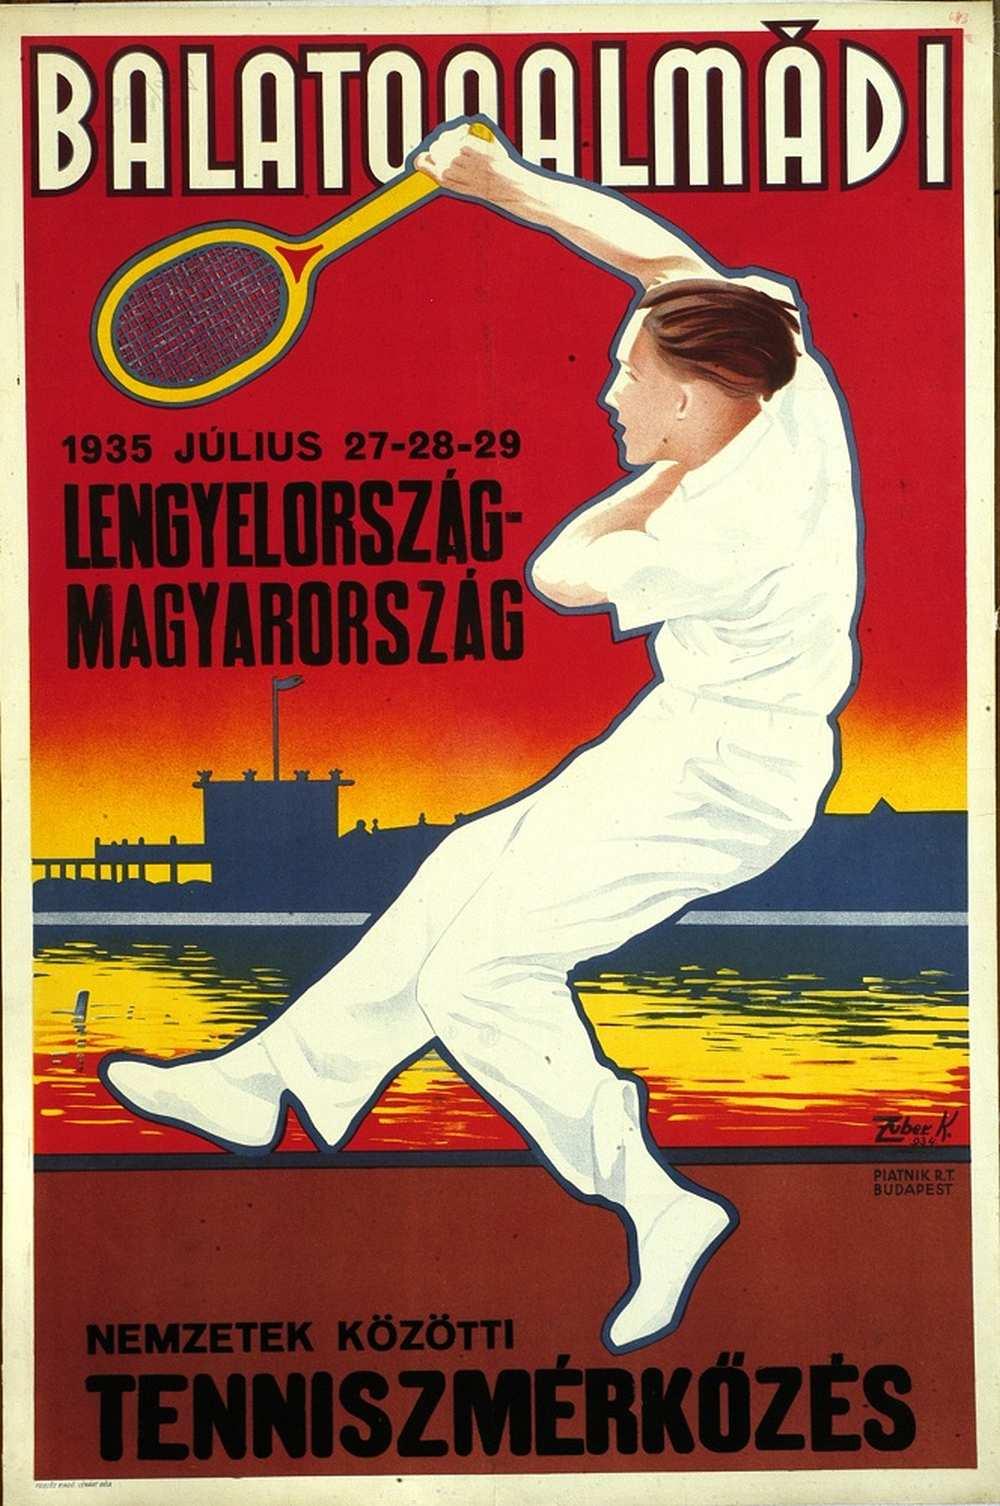 Zuber Károly: Nemzetek közötti teniszmérkőzés Lengyelország – Magyarország (1935). Jelzet: PKG.1935/256 – Térkép-, Plakát- és Kisnyomtatványtár http://nektar.oszk.hu/hu/manifestation/2795710